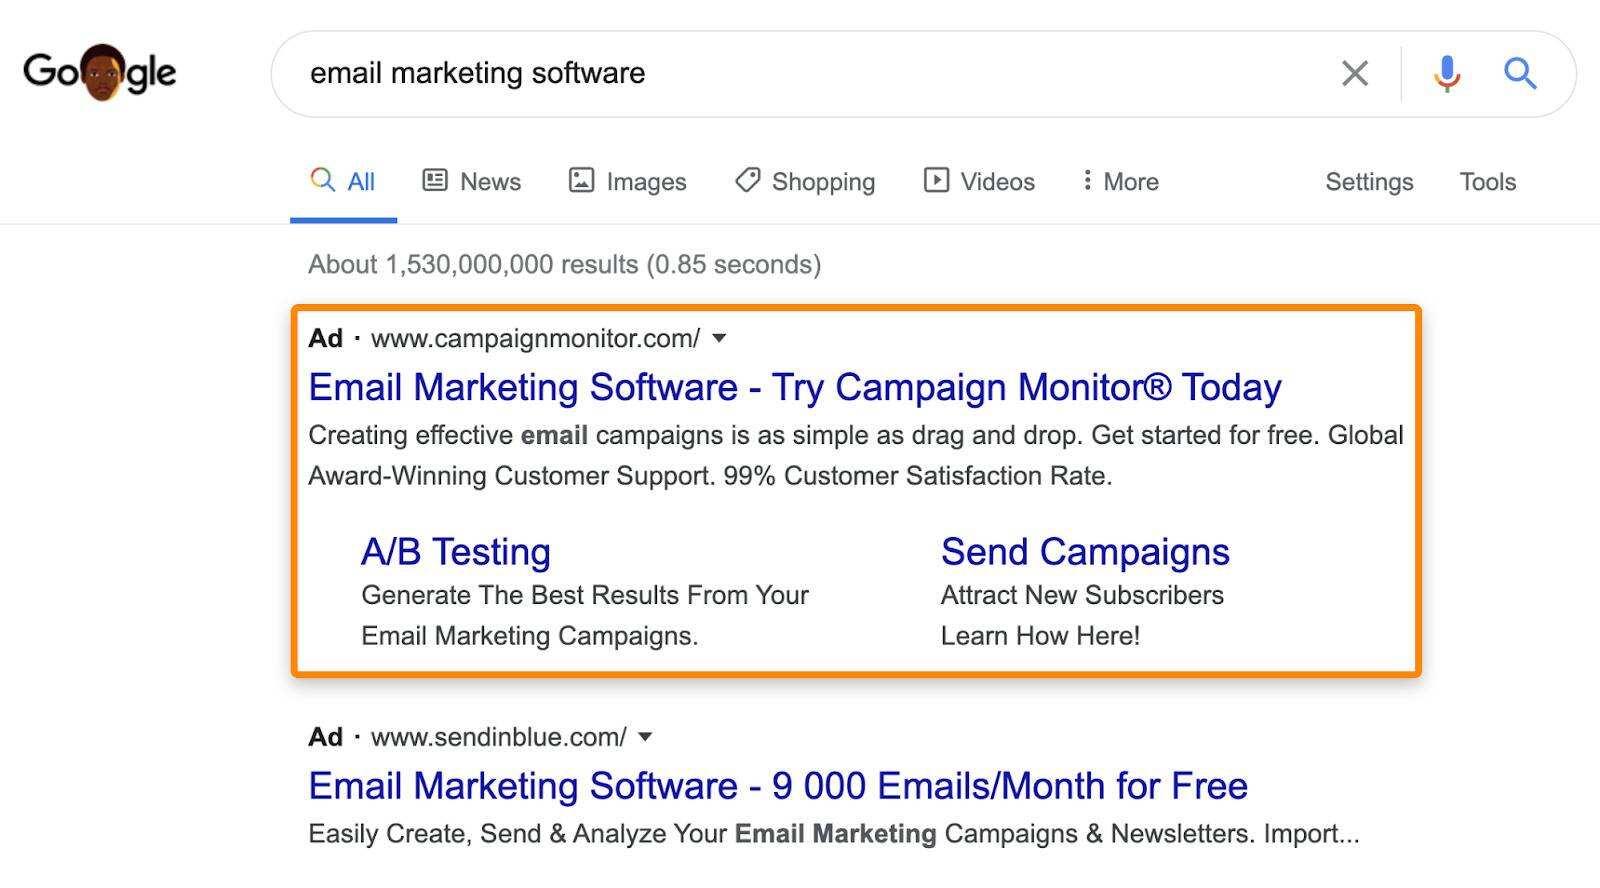 谷歌搜索引擎点击广告展示案例